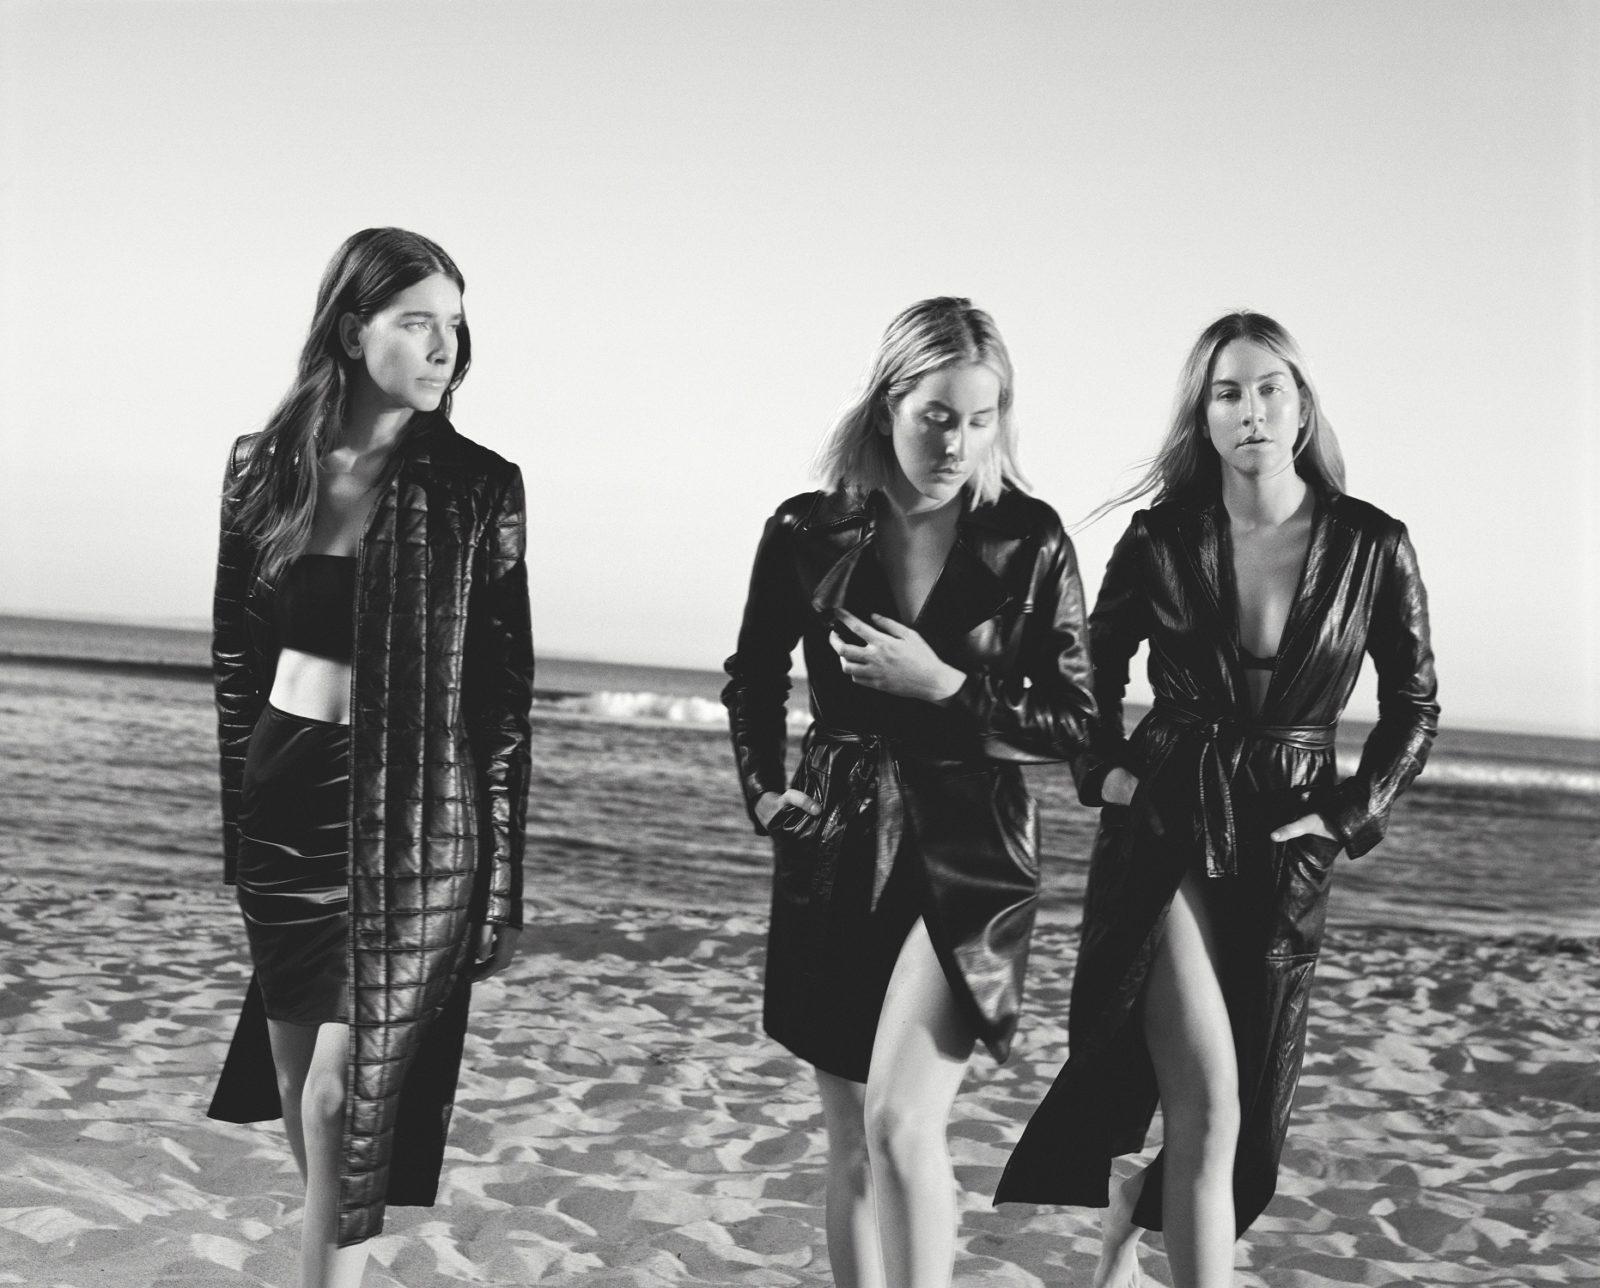 ハイム、3年ぶりのアルバムから新作MVを公開サムネイル画像